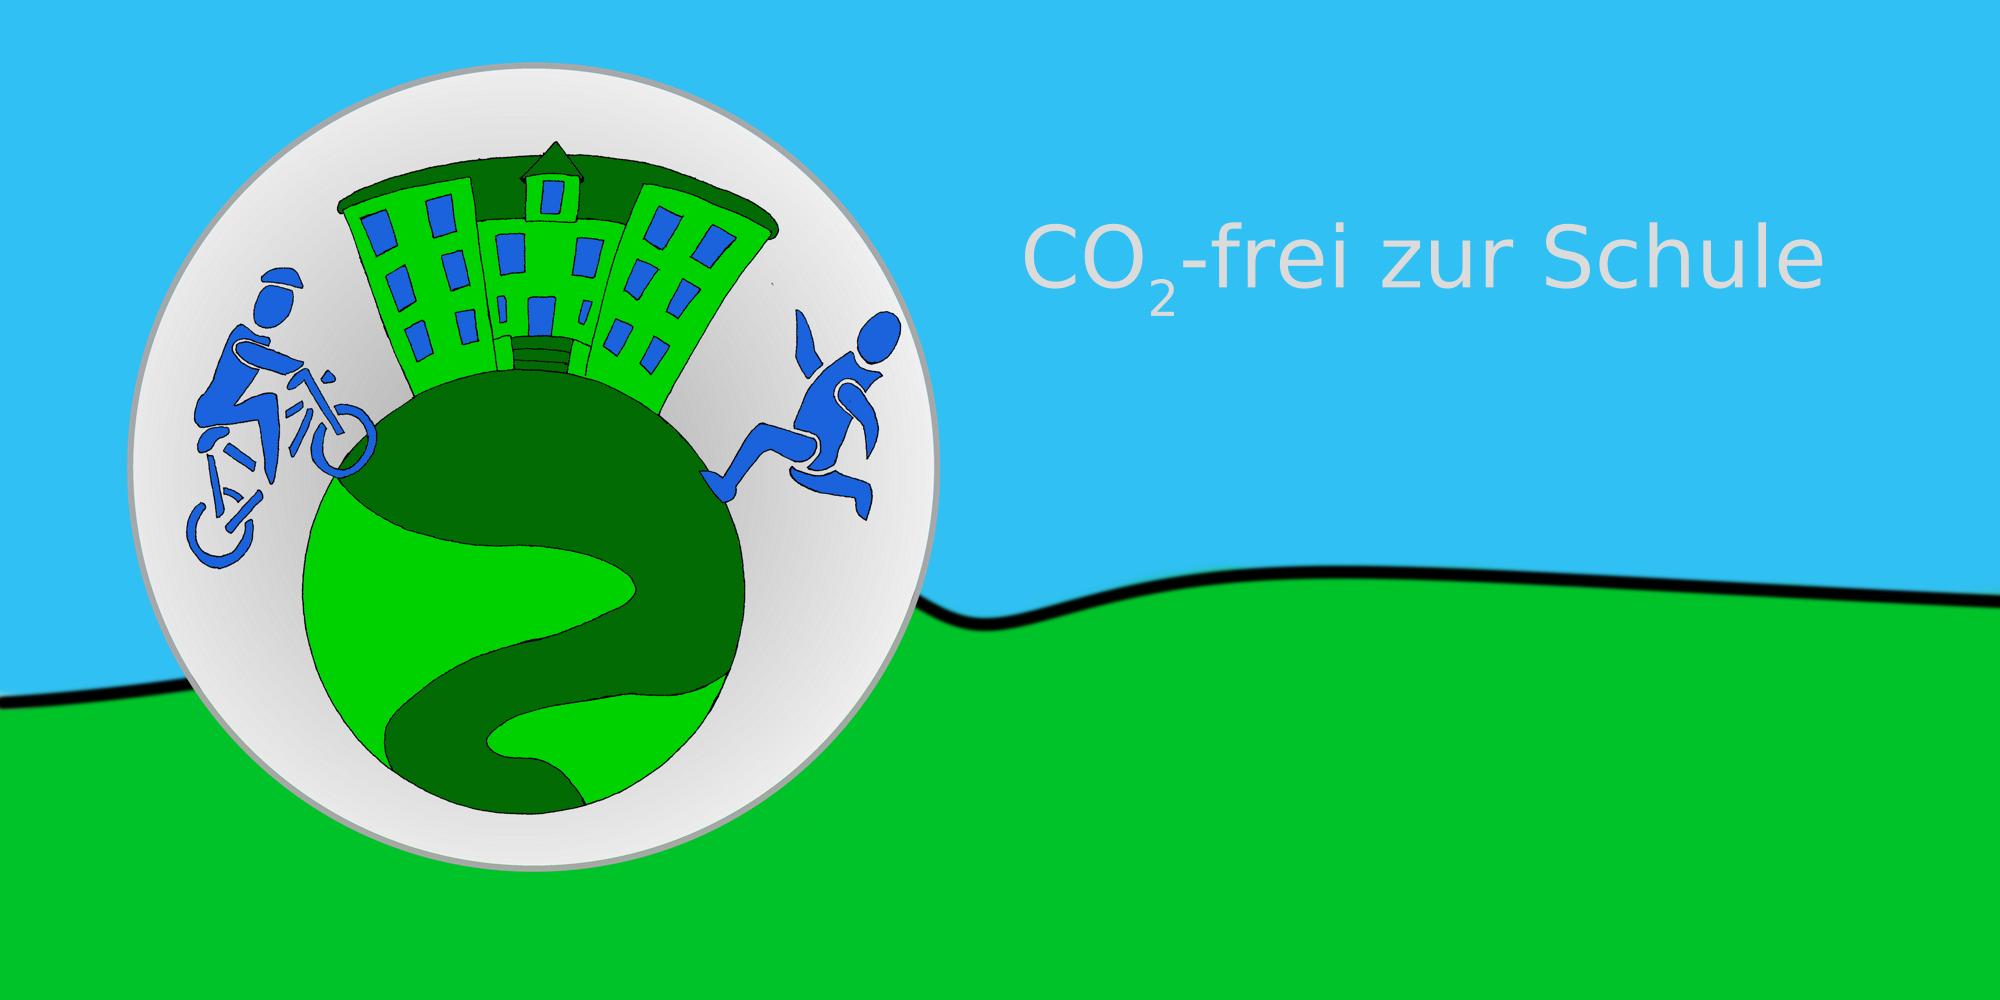 CO2-frei zur Schule